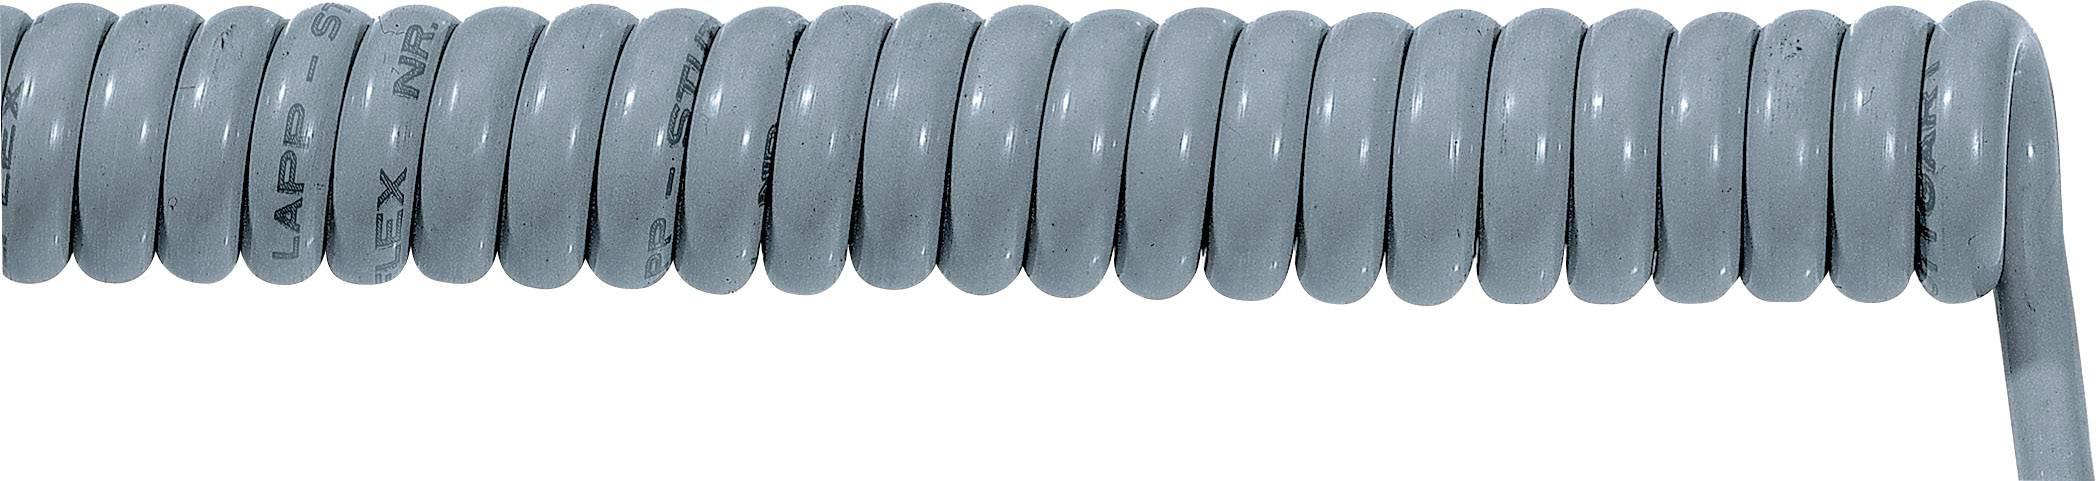 Špirálový kábel 70002670 ÖLFLEX® SPIRAL 400 P 12 x 1 mm², 500 mm / 1500 mm, sivá